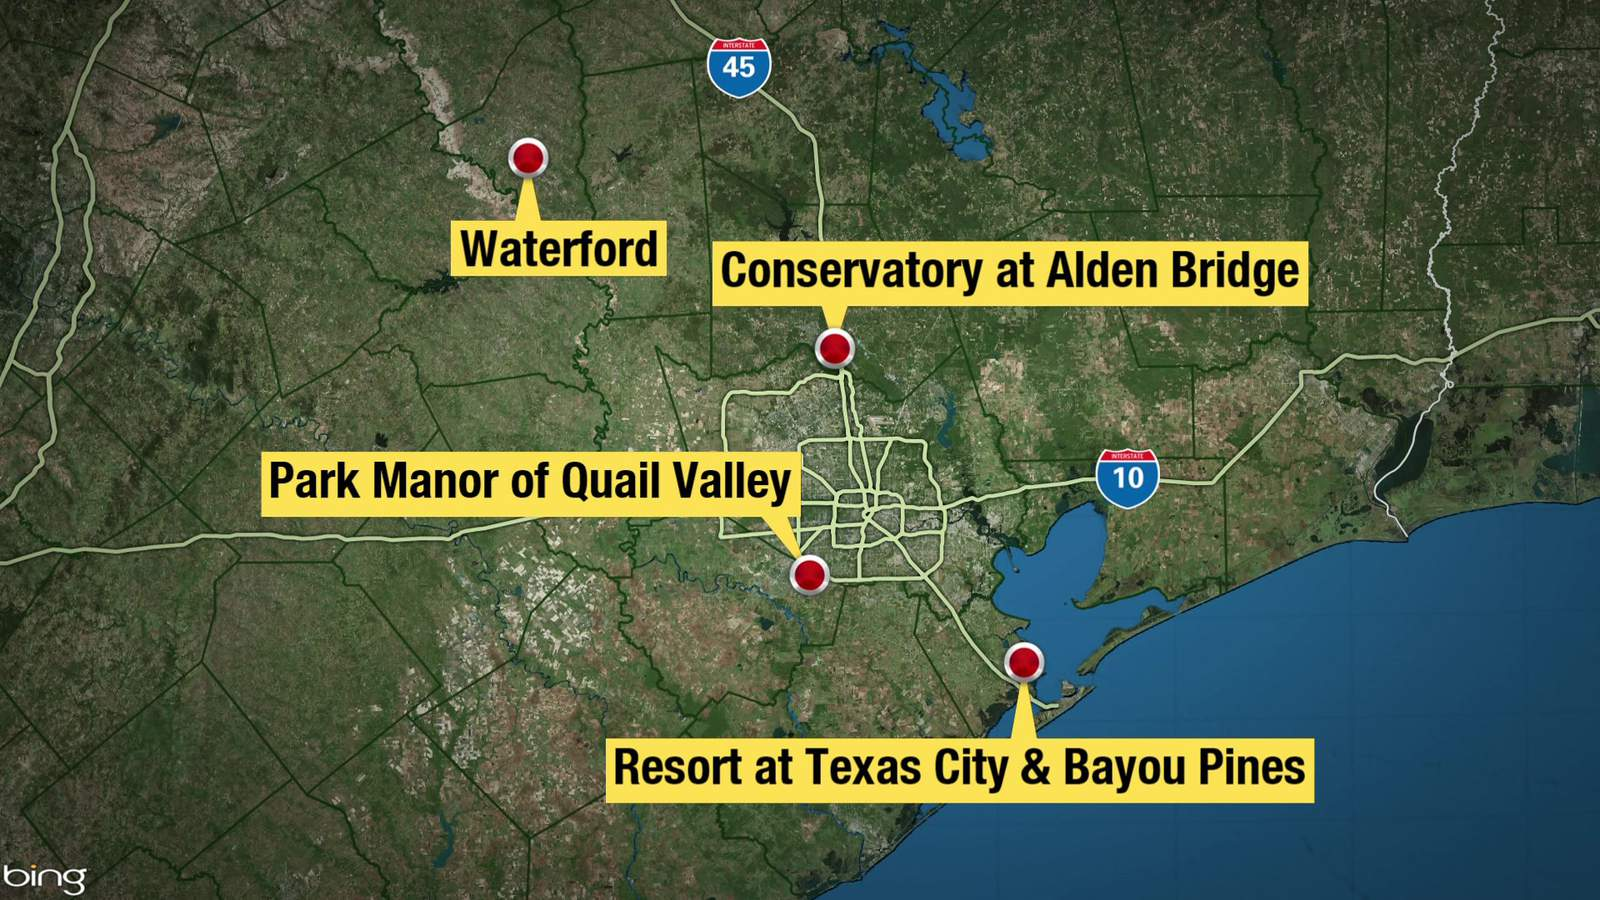 Vea un desglose de las instalaciones para personas mayores en el área de Houston con grupos de casos de coronavirus 14